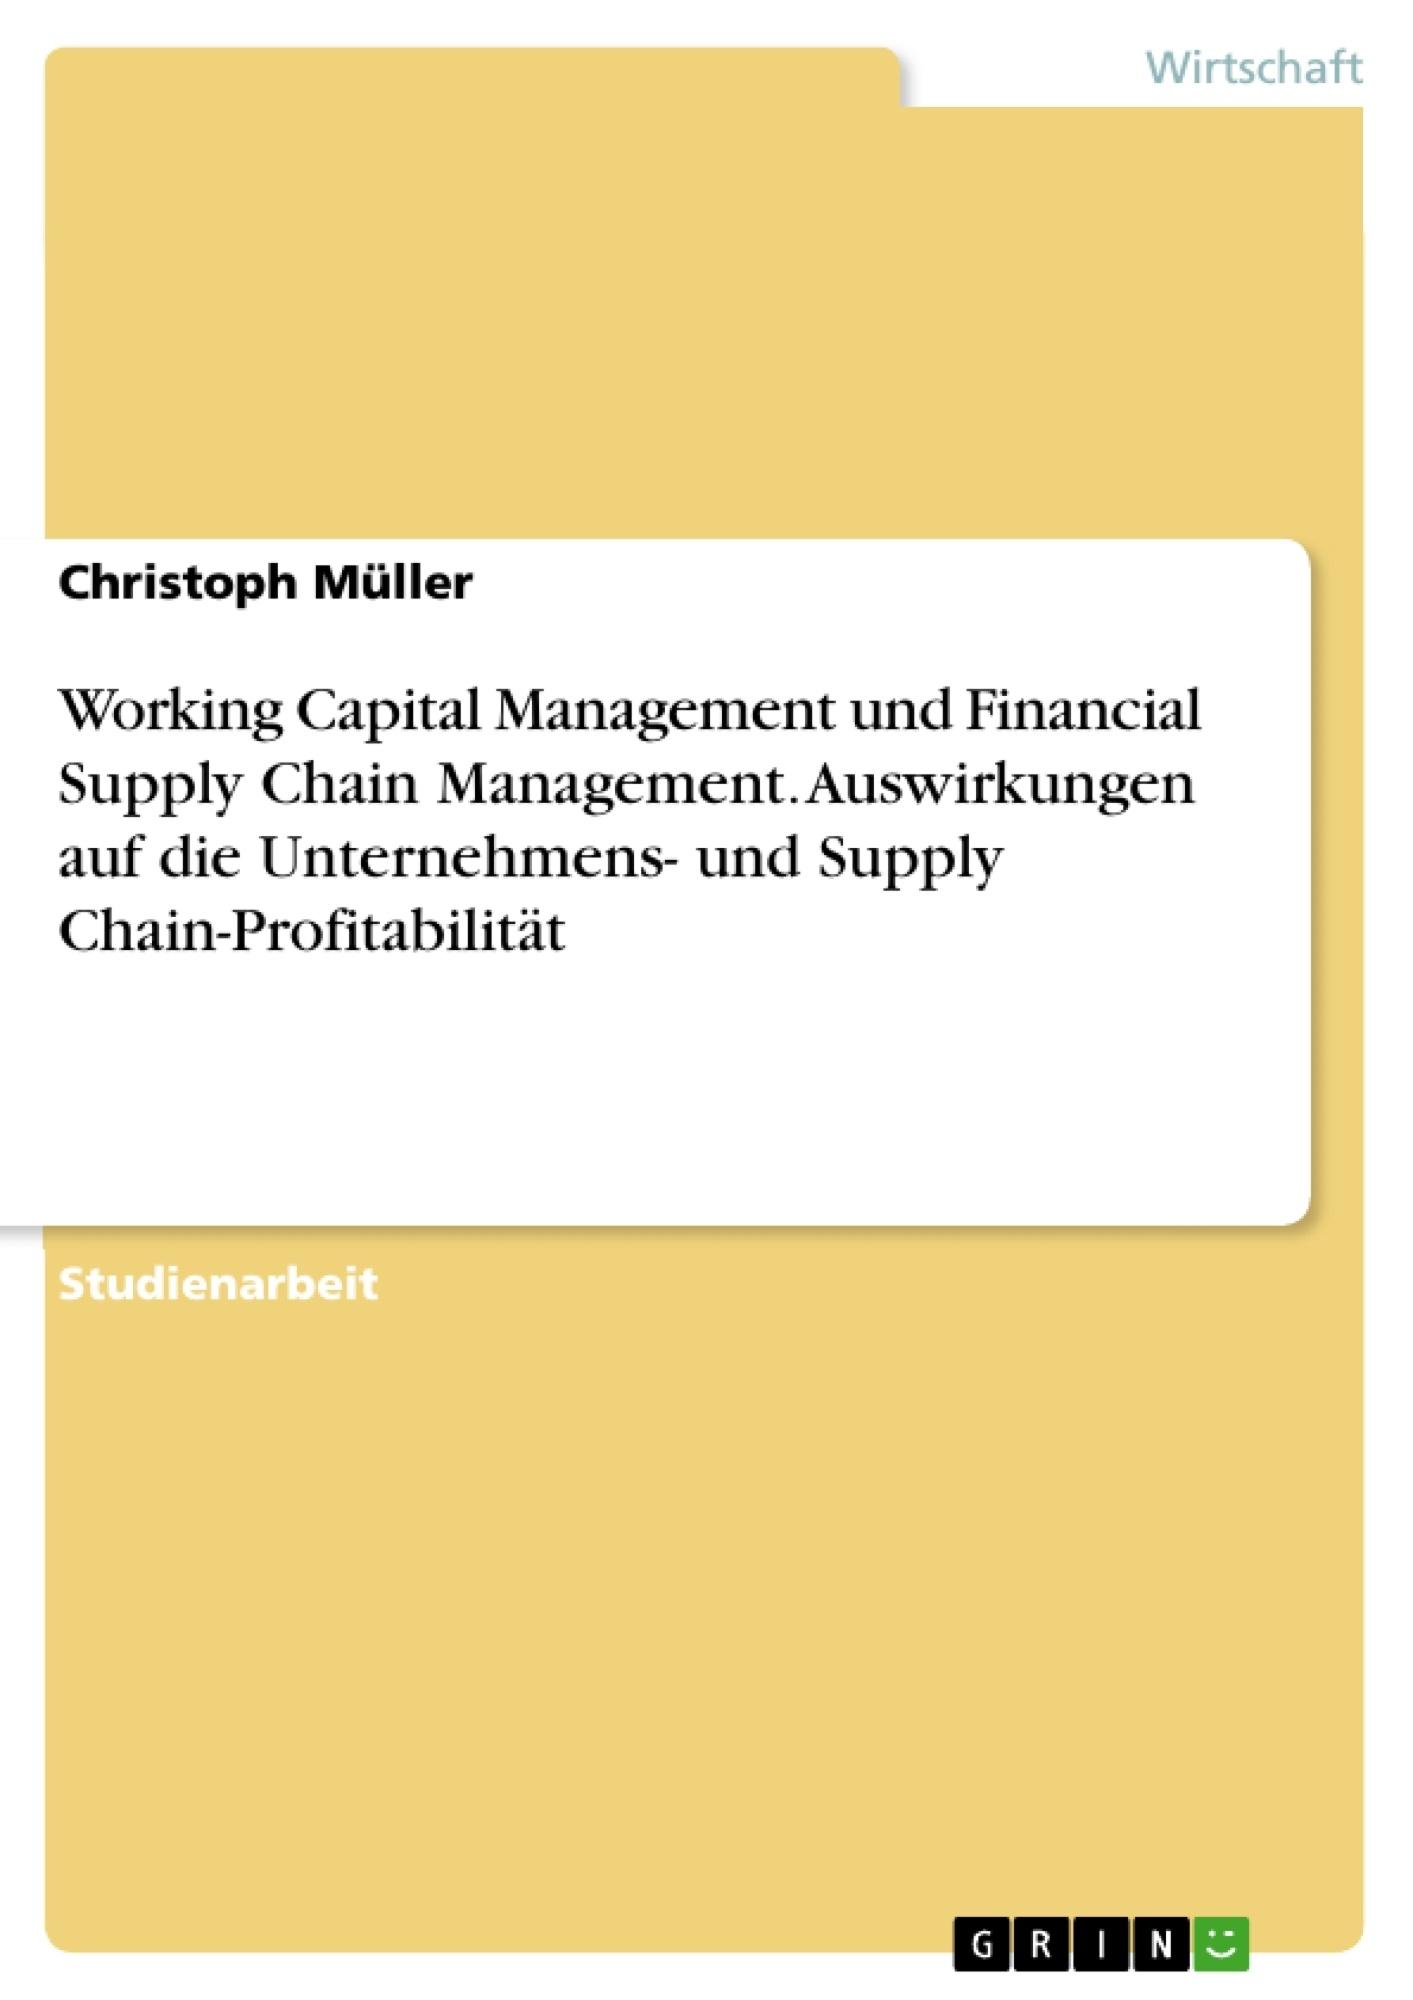 Titel: Working Capital Management und Financial Supply Chain Management. Auswirkungen auf die Unternehmens- und Supply Chain-Profitabilität